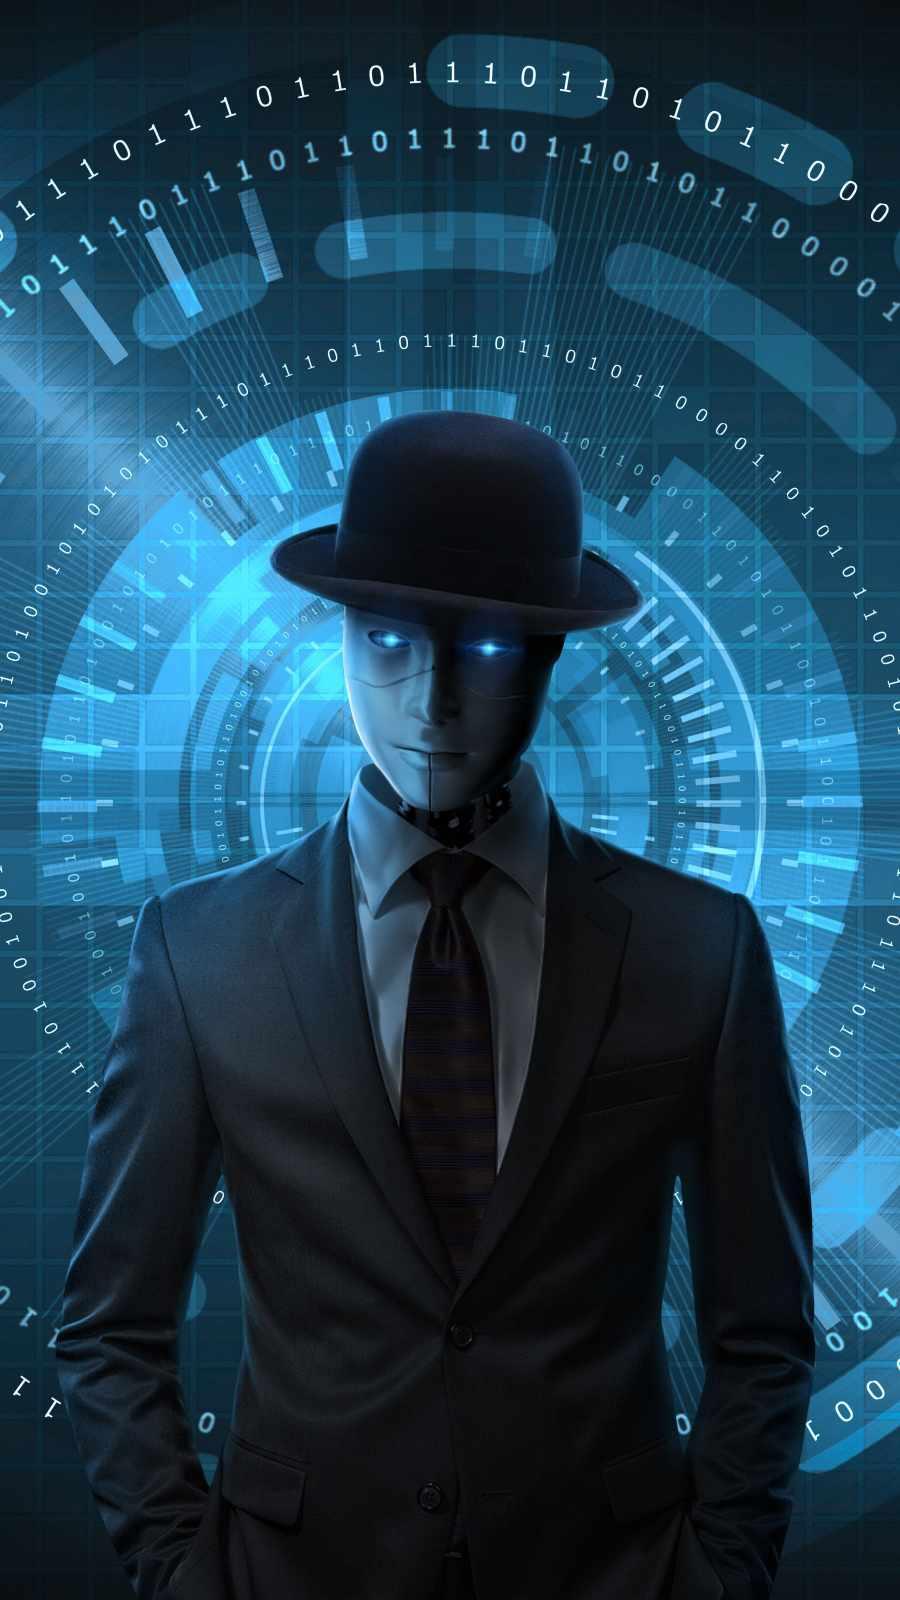 Robot Guy iPhone Wallpaper